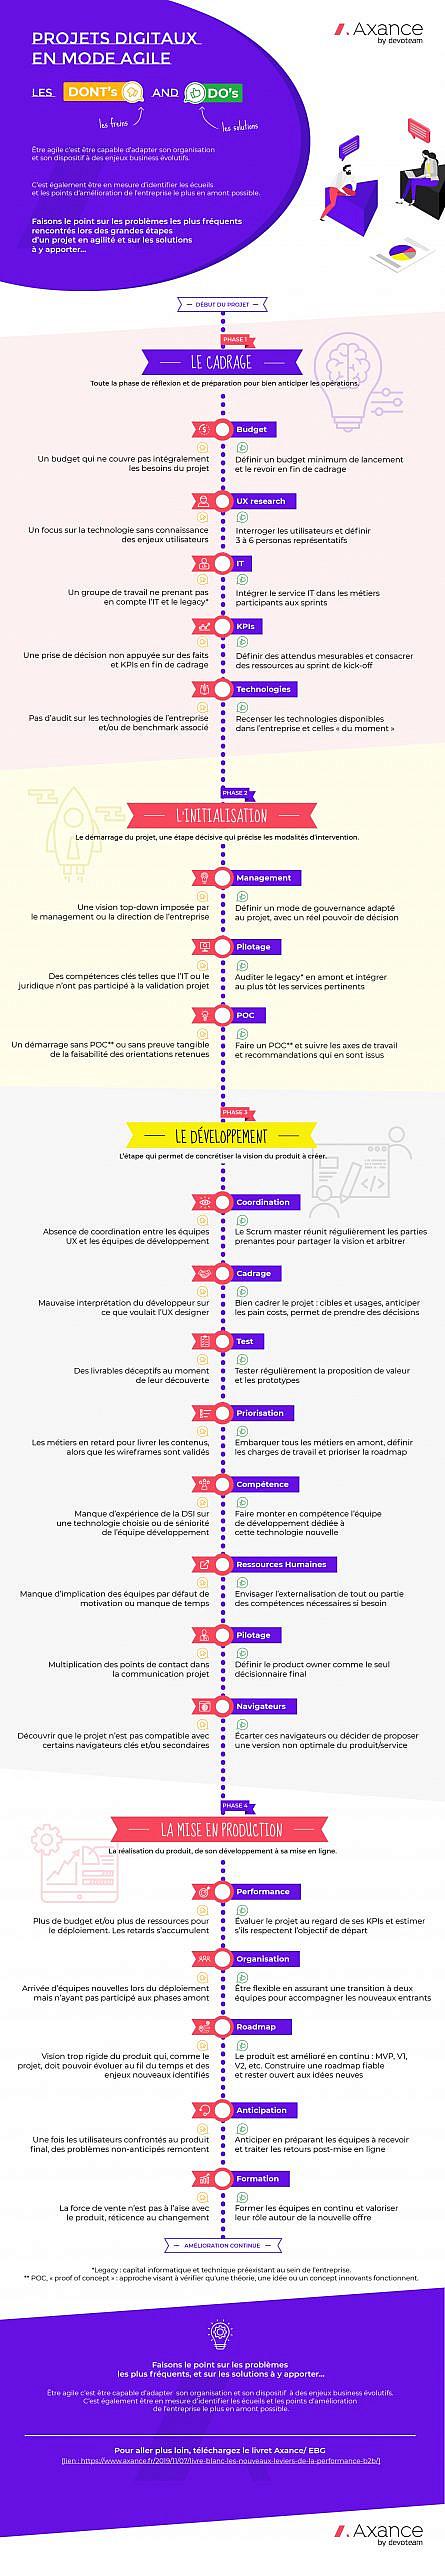 Infographie_agilité_B2B